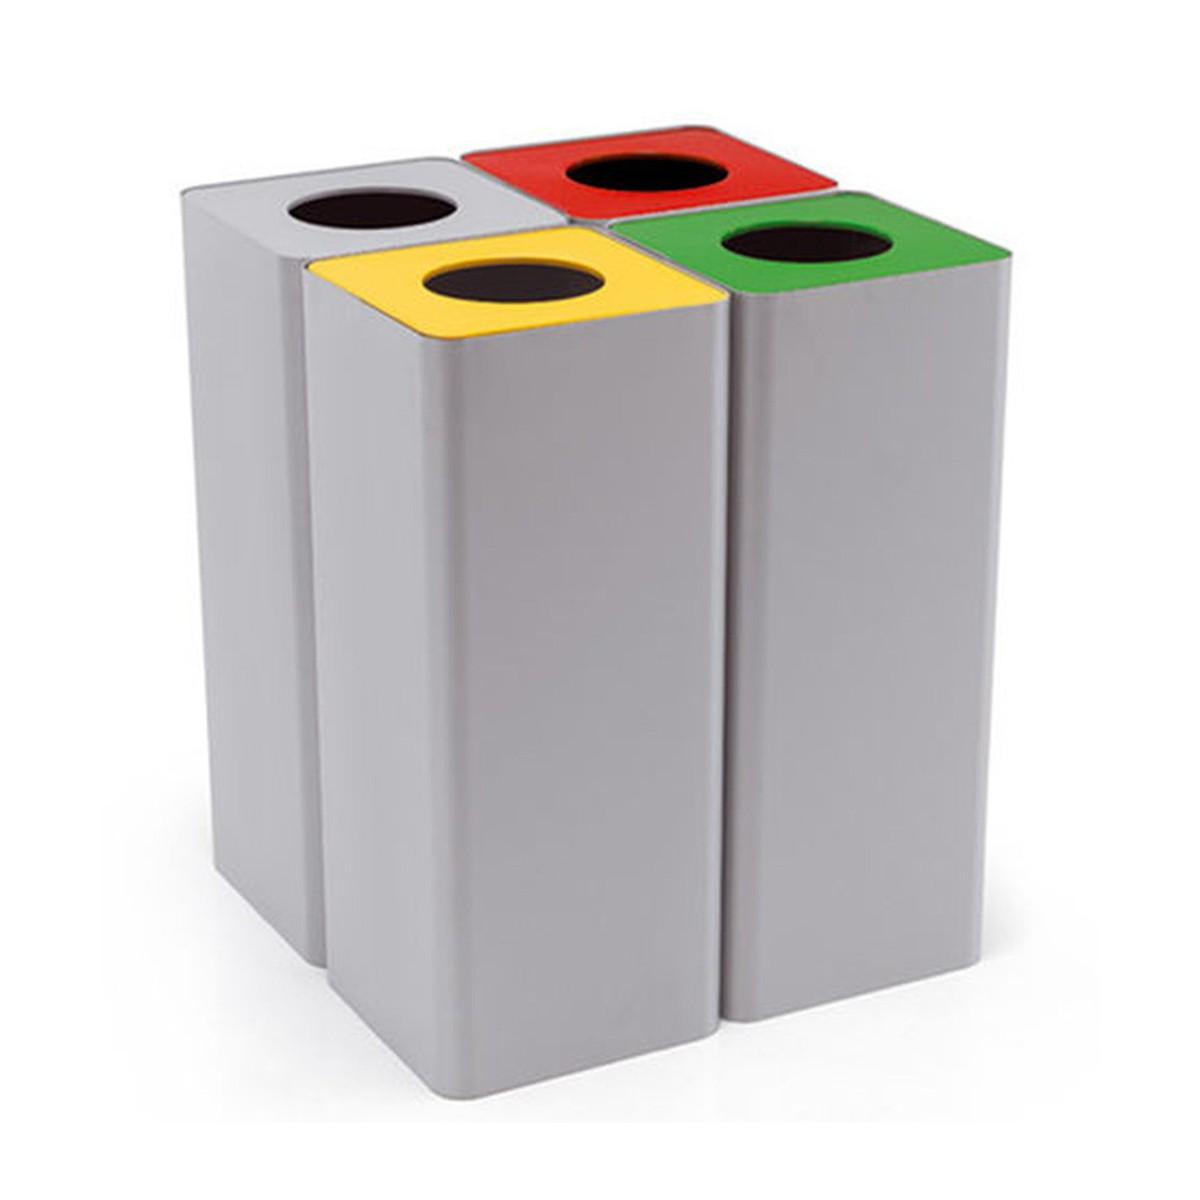 Cestini Raccolta Differenziata Casa cestini per rifiuti per ufficio e interni - esc services